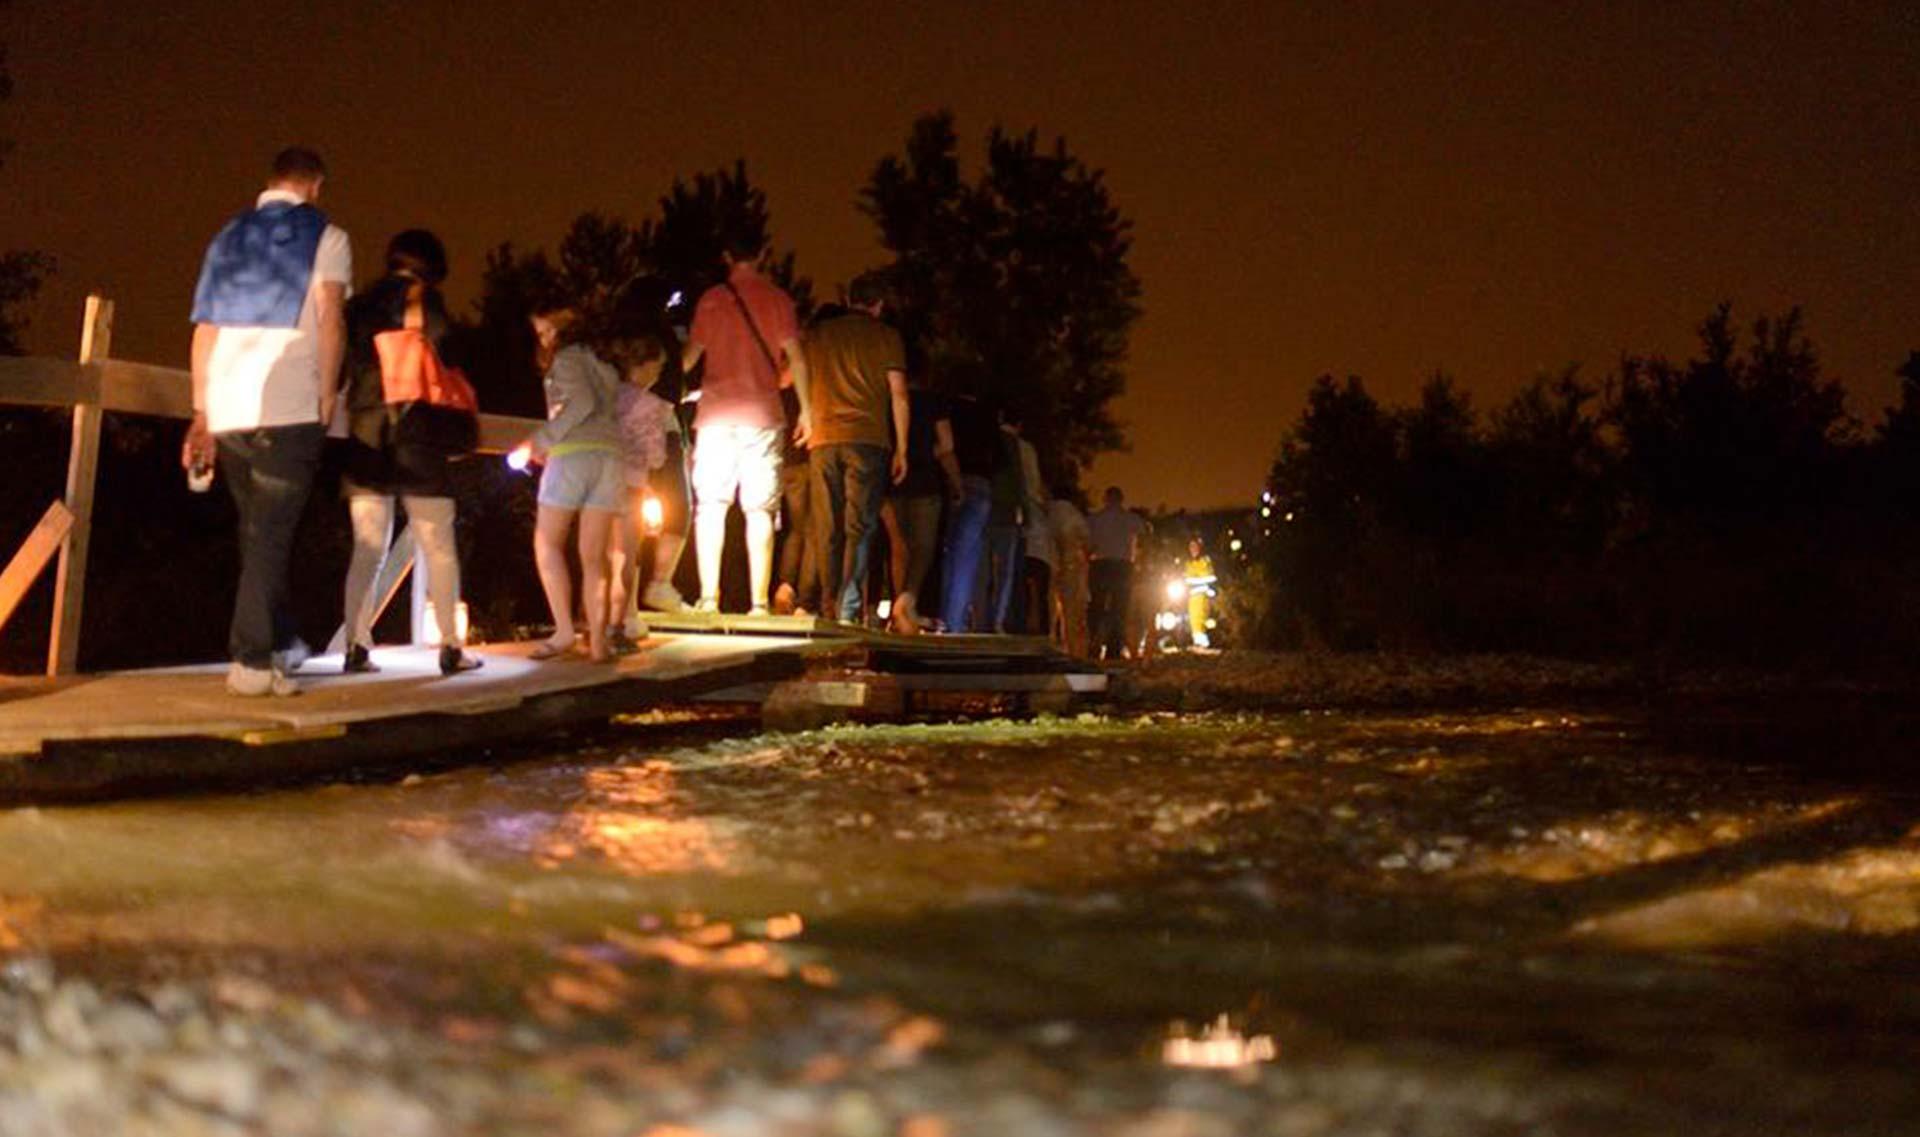 Notti d'acqua - Passeggiata lungo gli argini dell'Astico